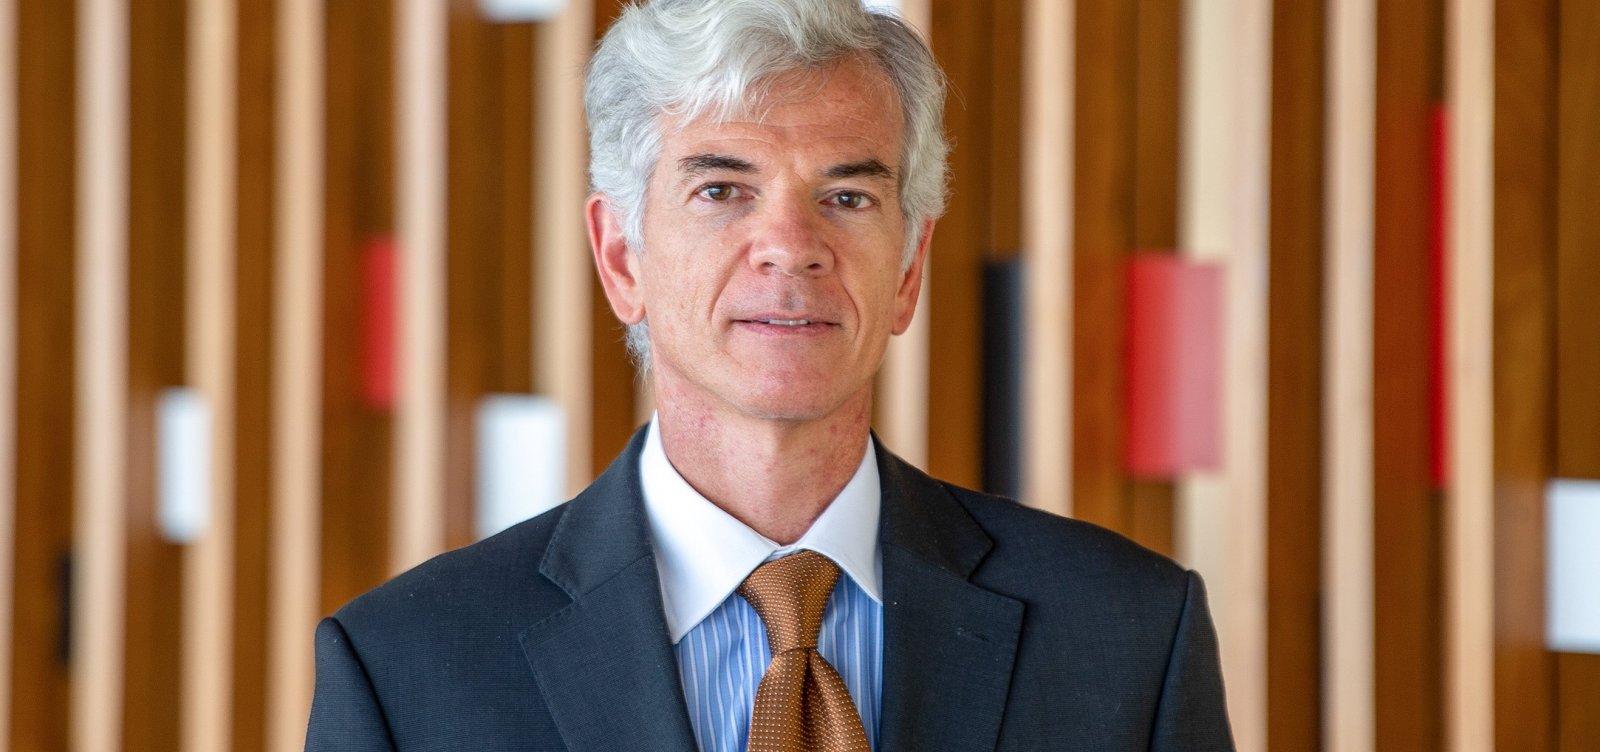 Embaixador brasileiro contraria Constituição e prega religião como política de Estado